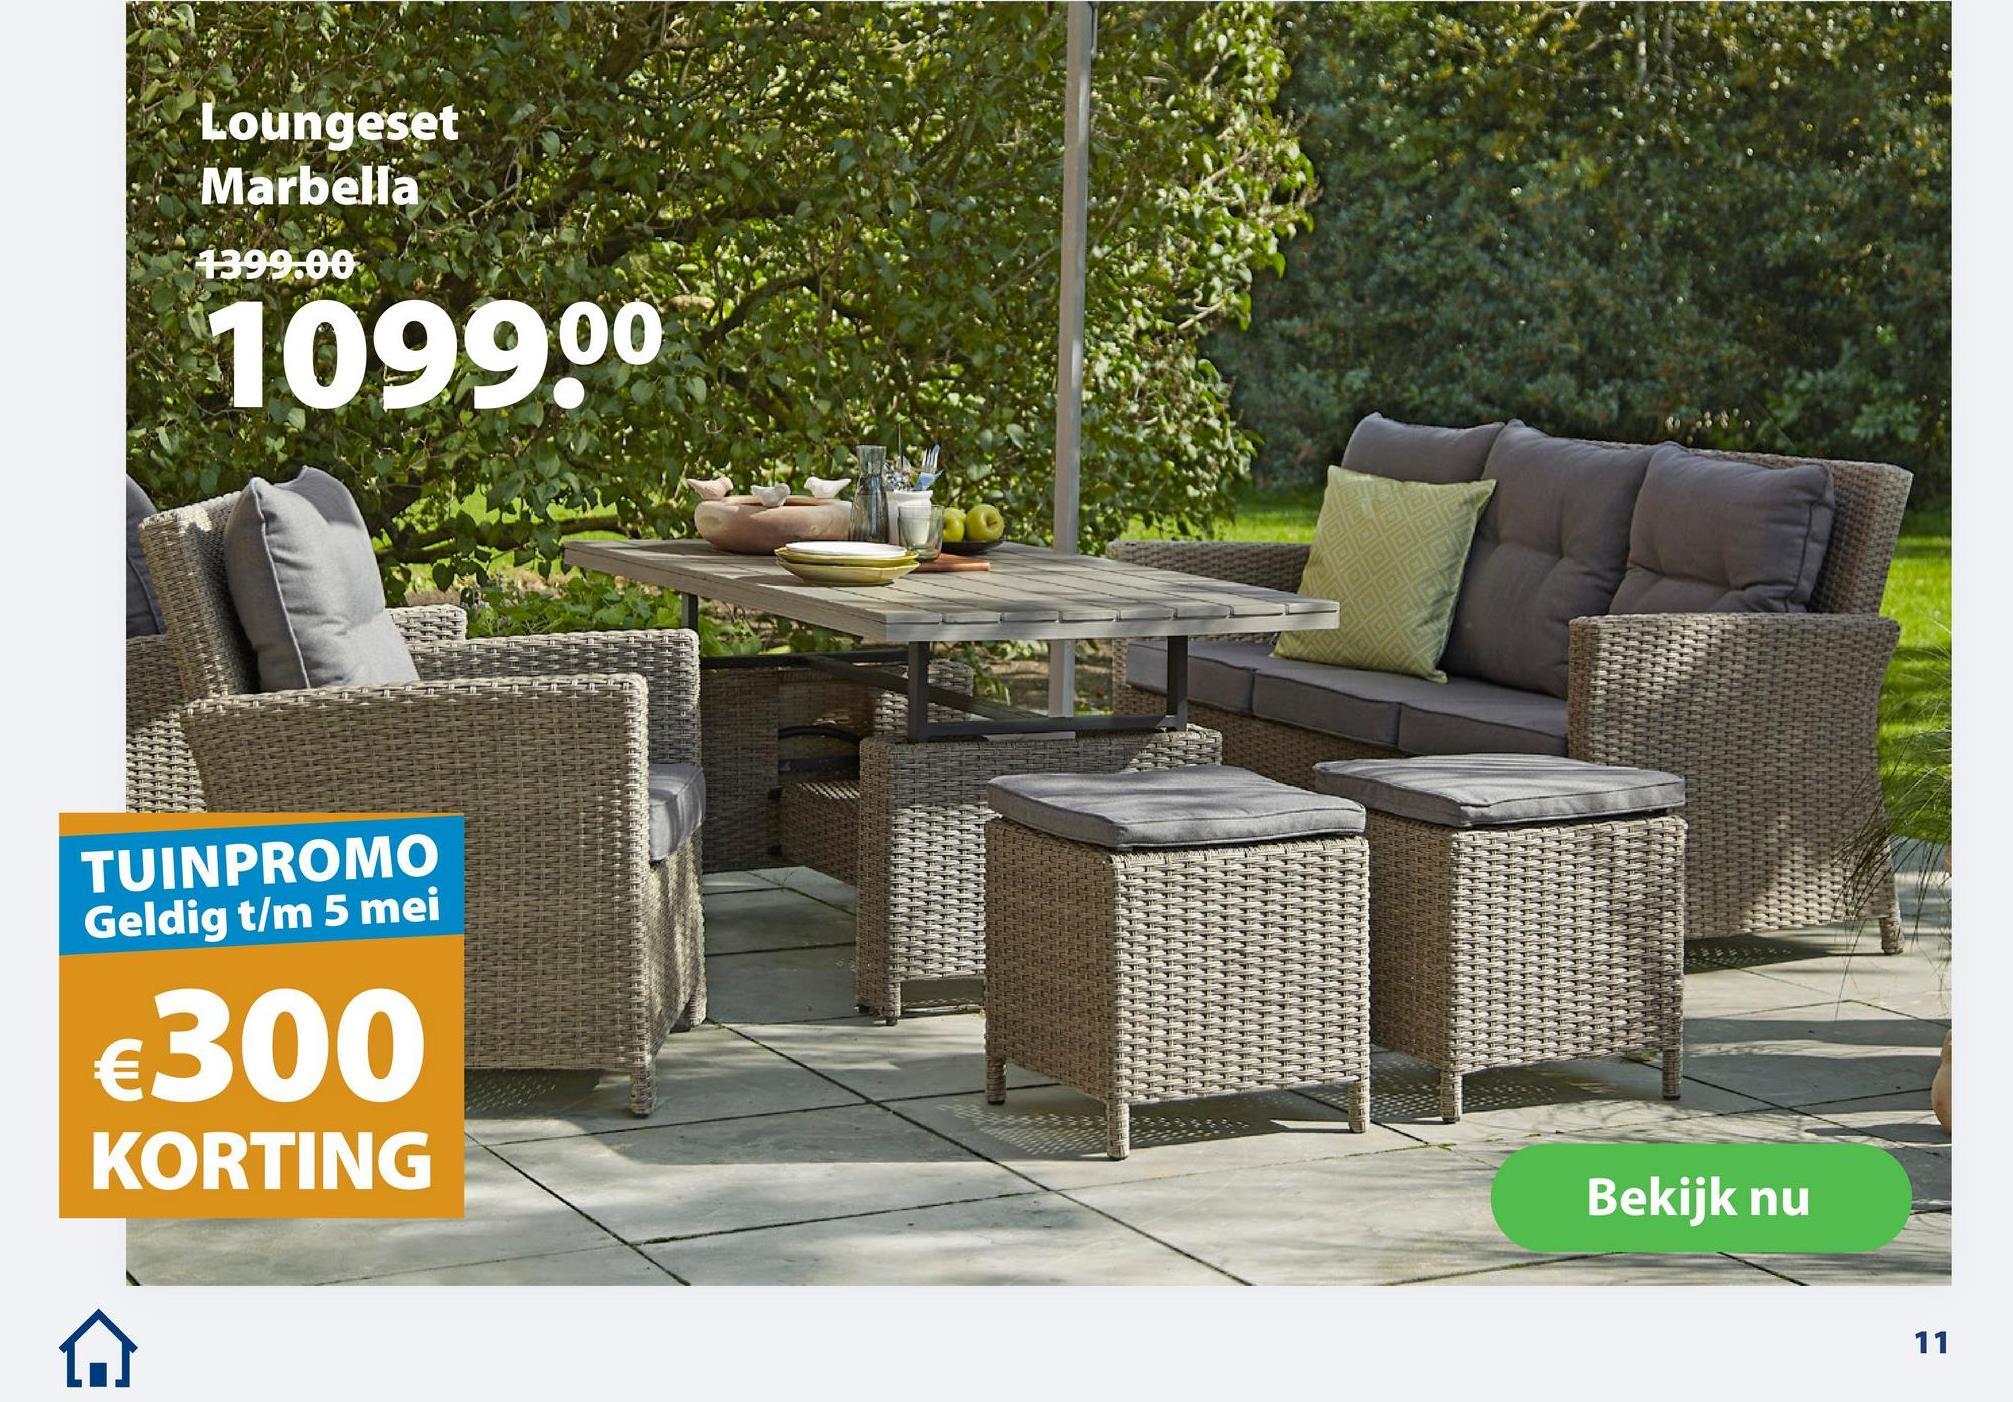 Loungeset Marbella 1399,00 1099.00 TUINPROMO Geldig t/m 5 mei €300 KORTING Bekijk nu